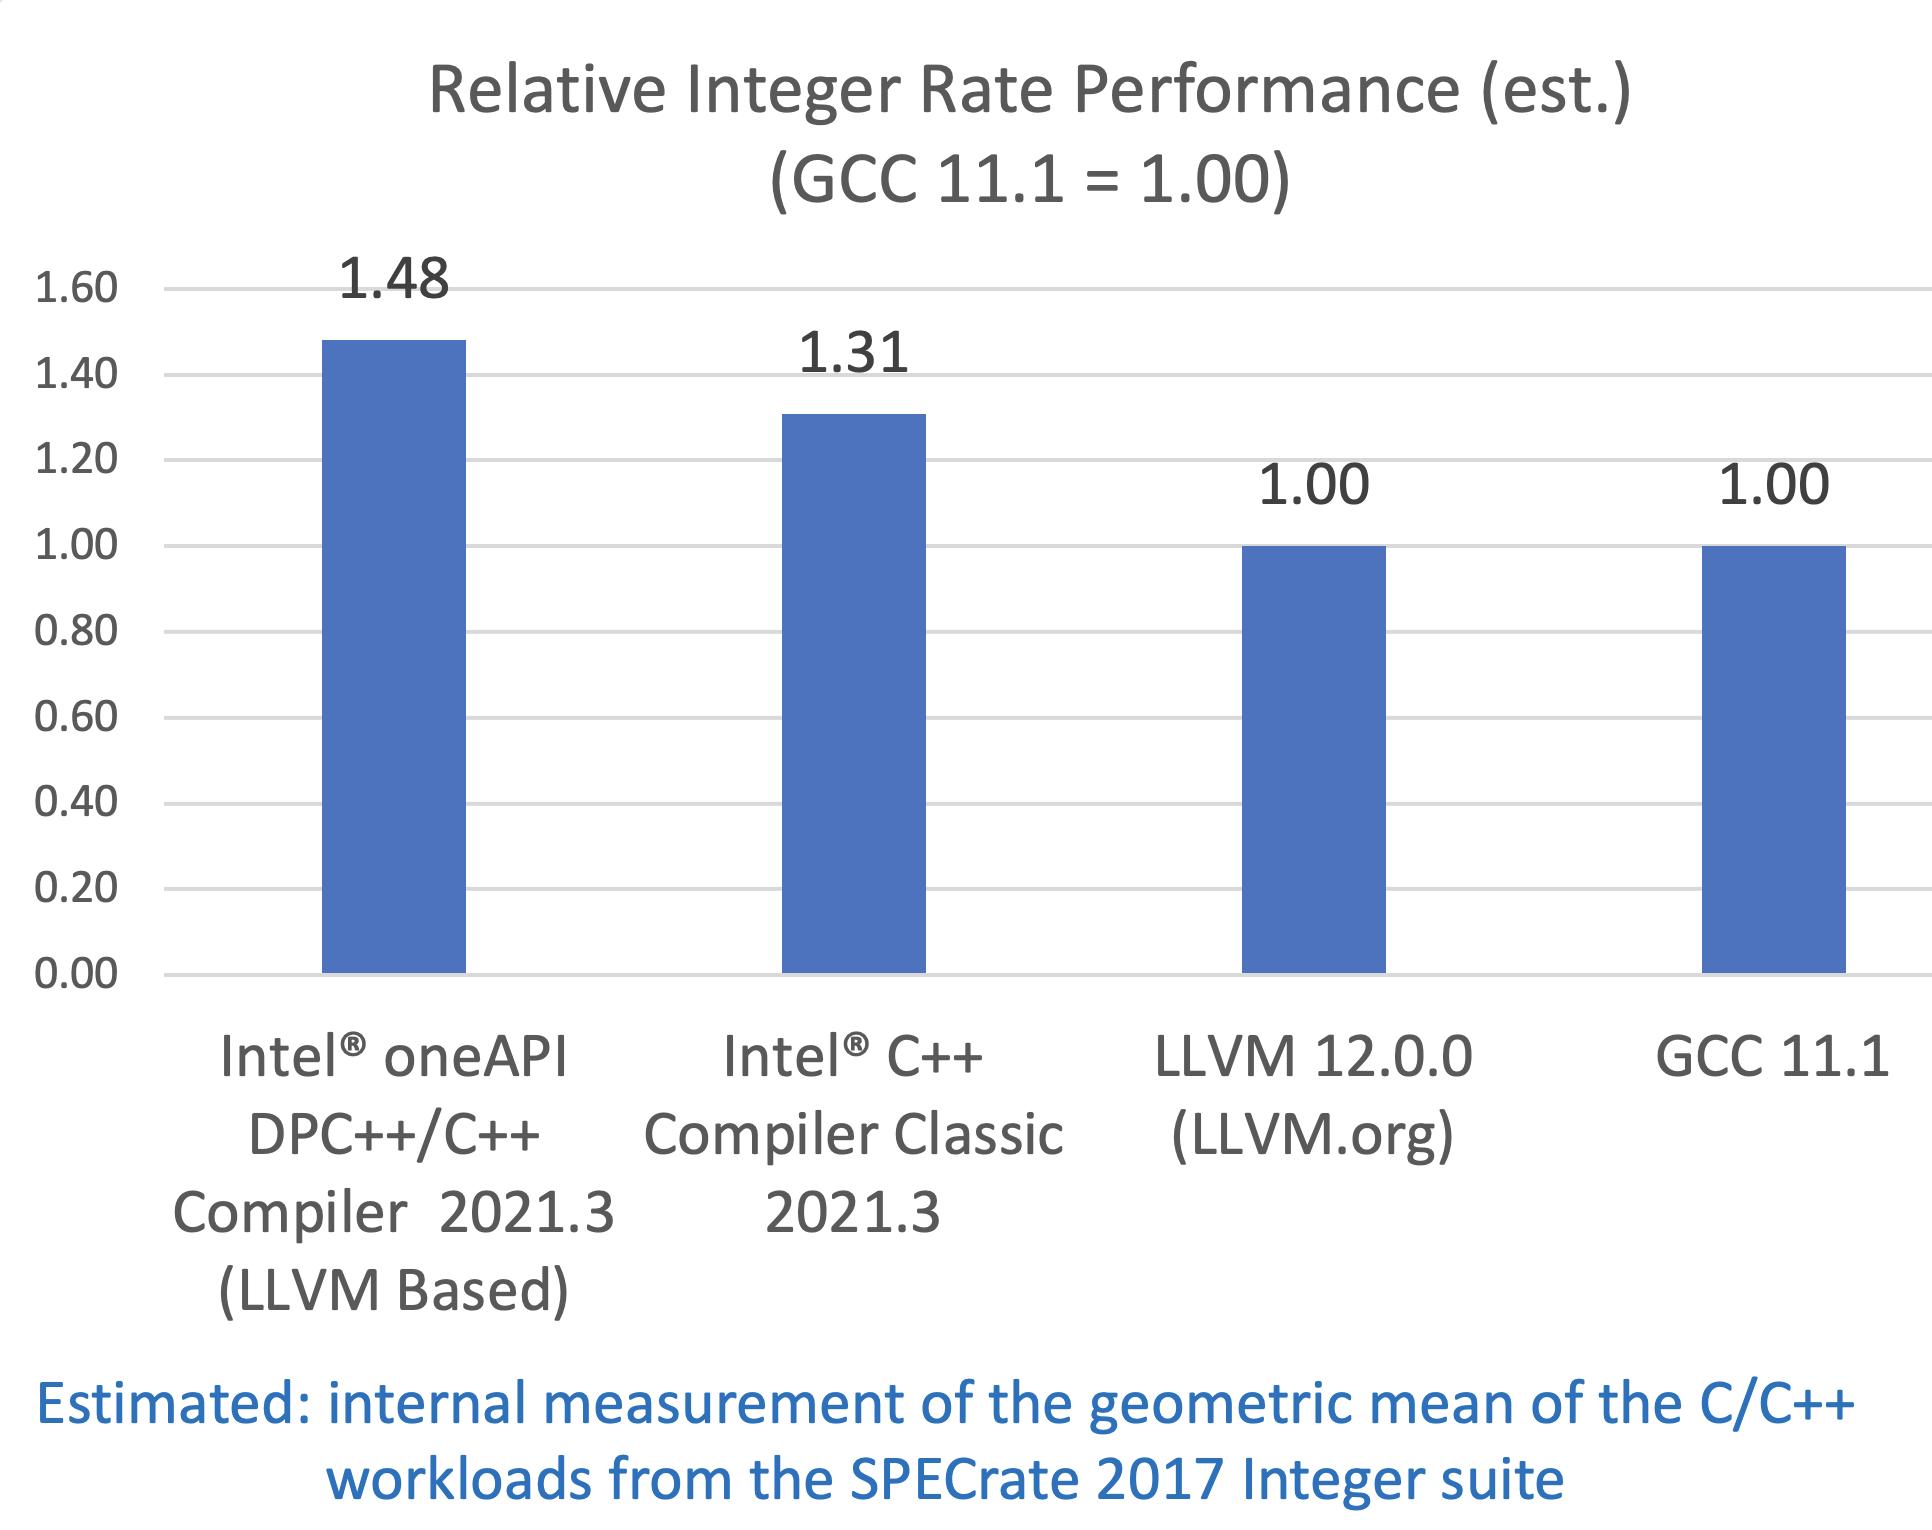 インテル® Xeon® Platinum 8380 プロセッサー上でのほかのコンパイラーと比較した SPECrate* 2017 INT (推定値) パフォーマンスの優位性